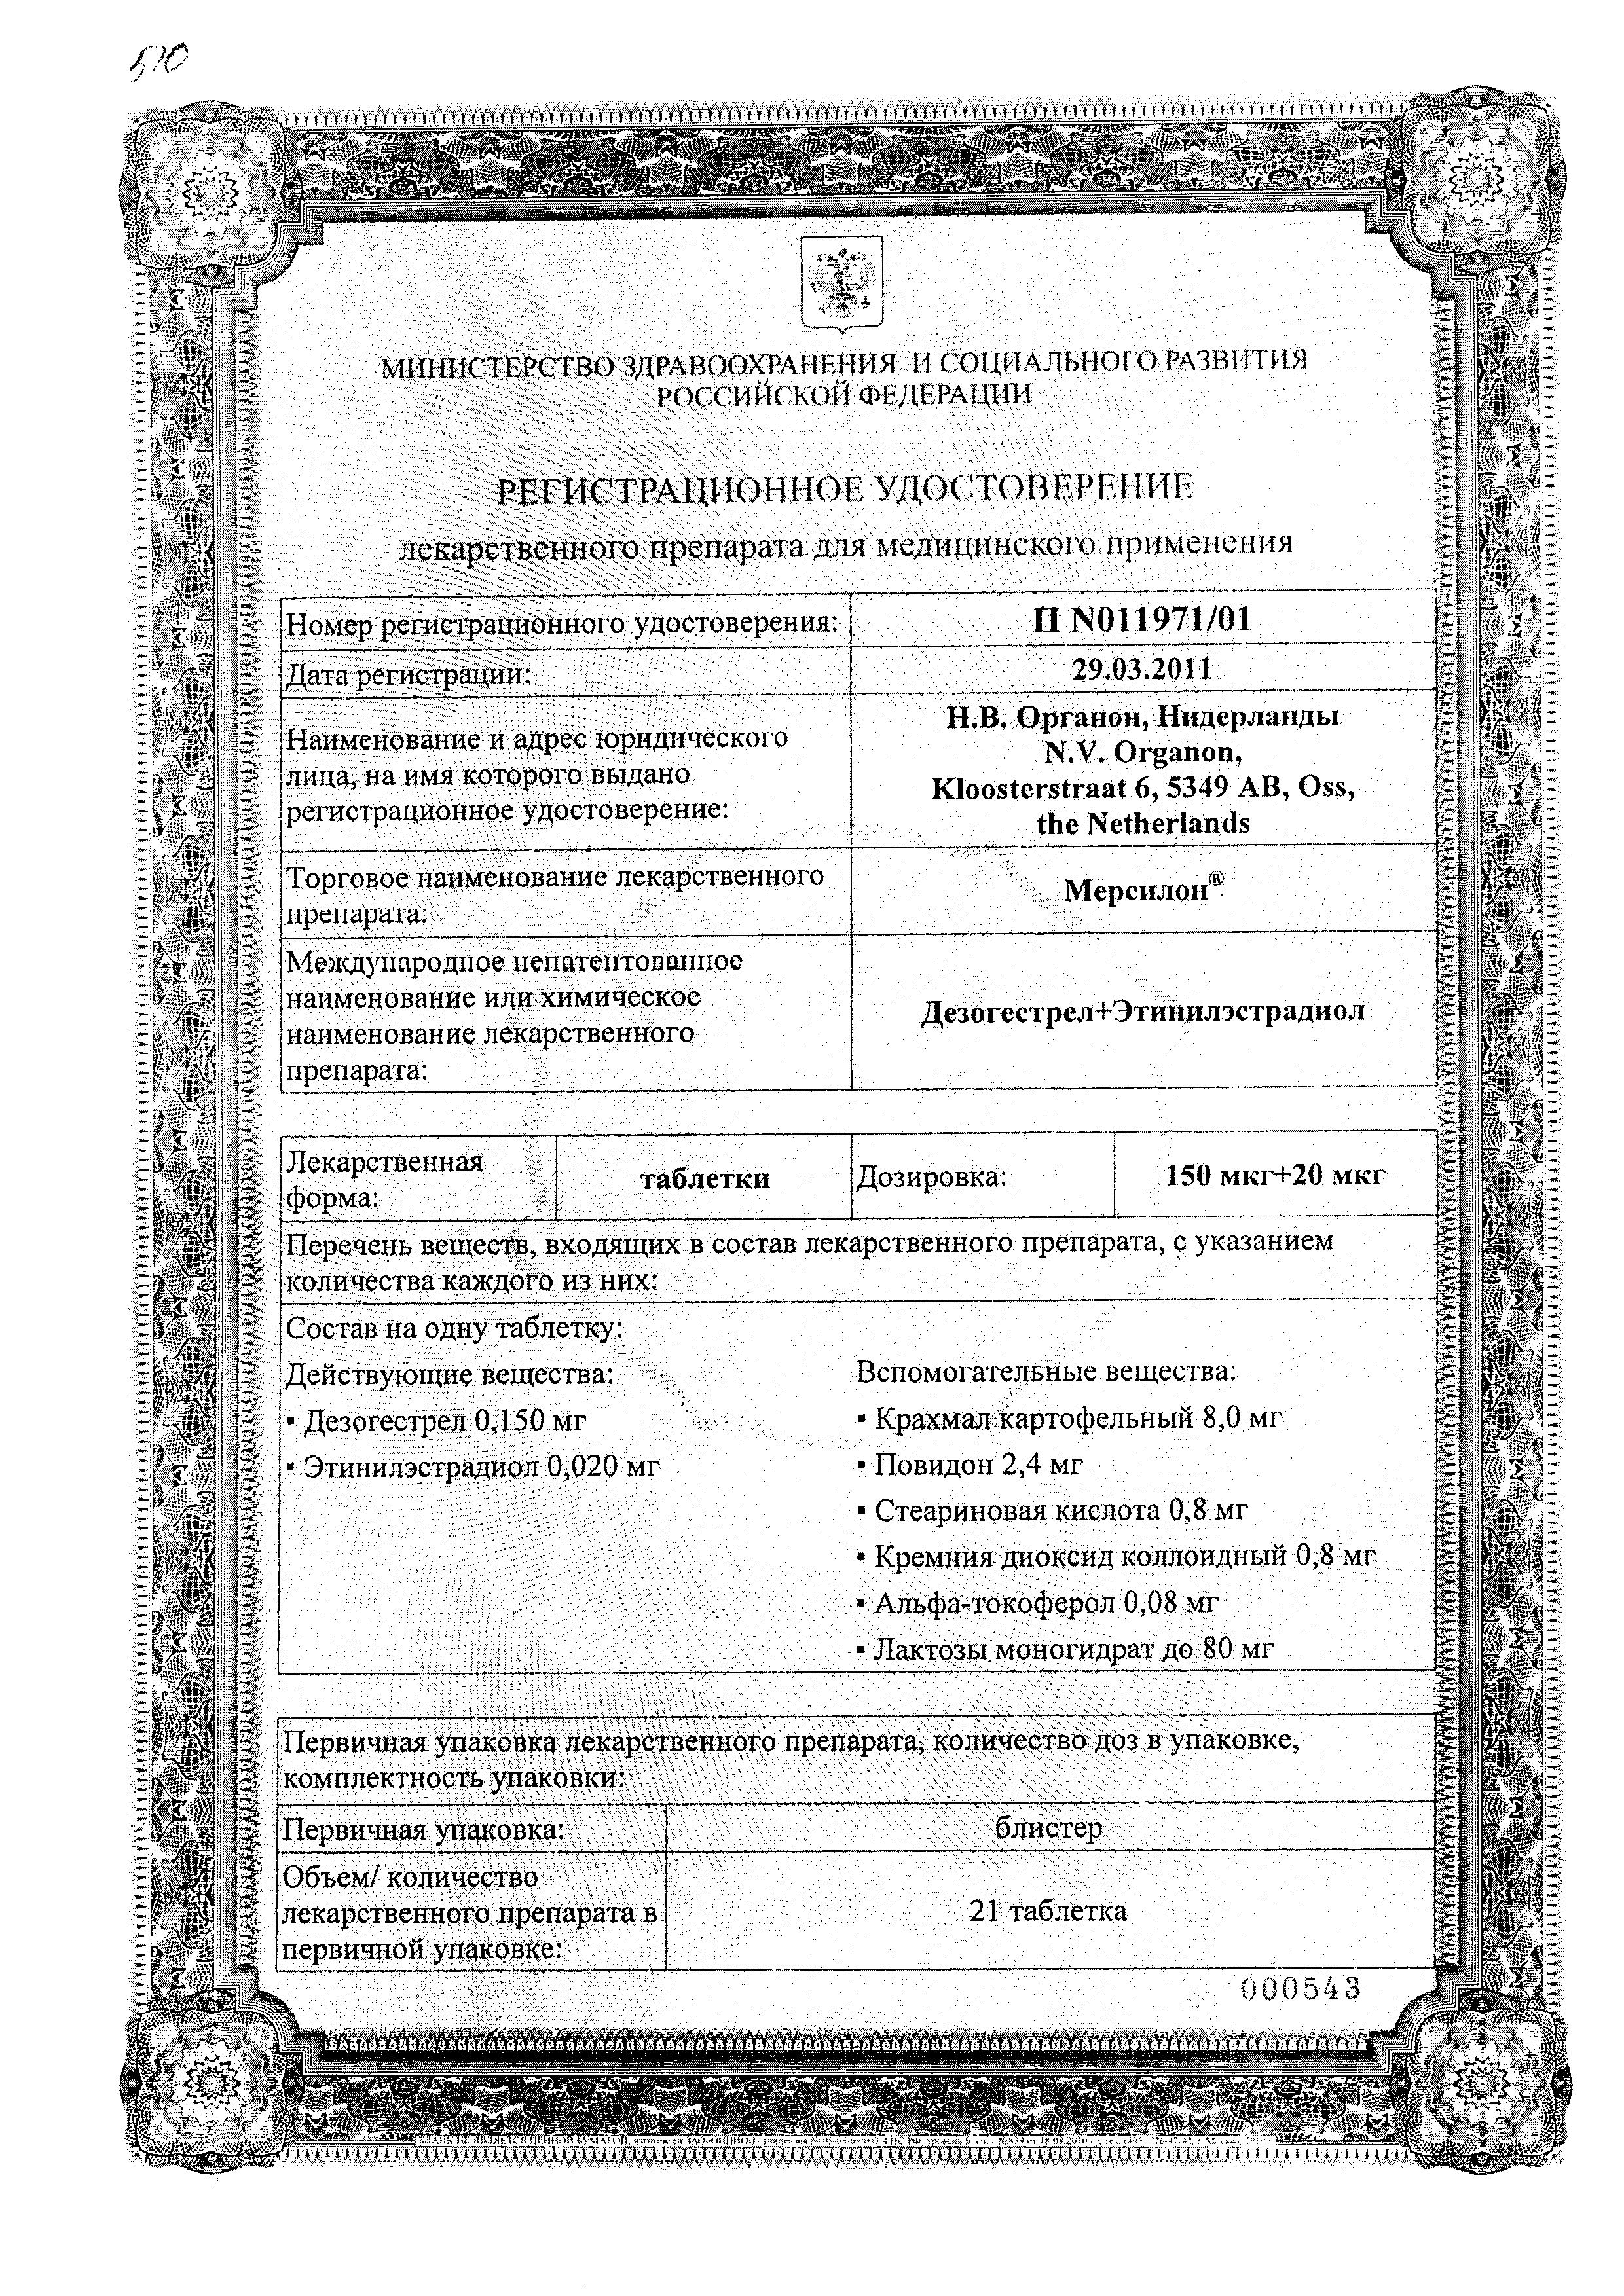 Мерсилон сертификат